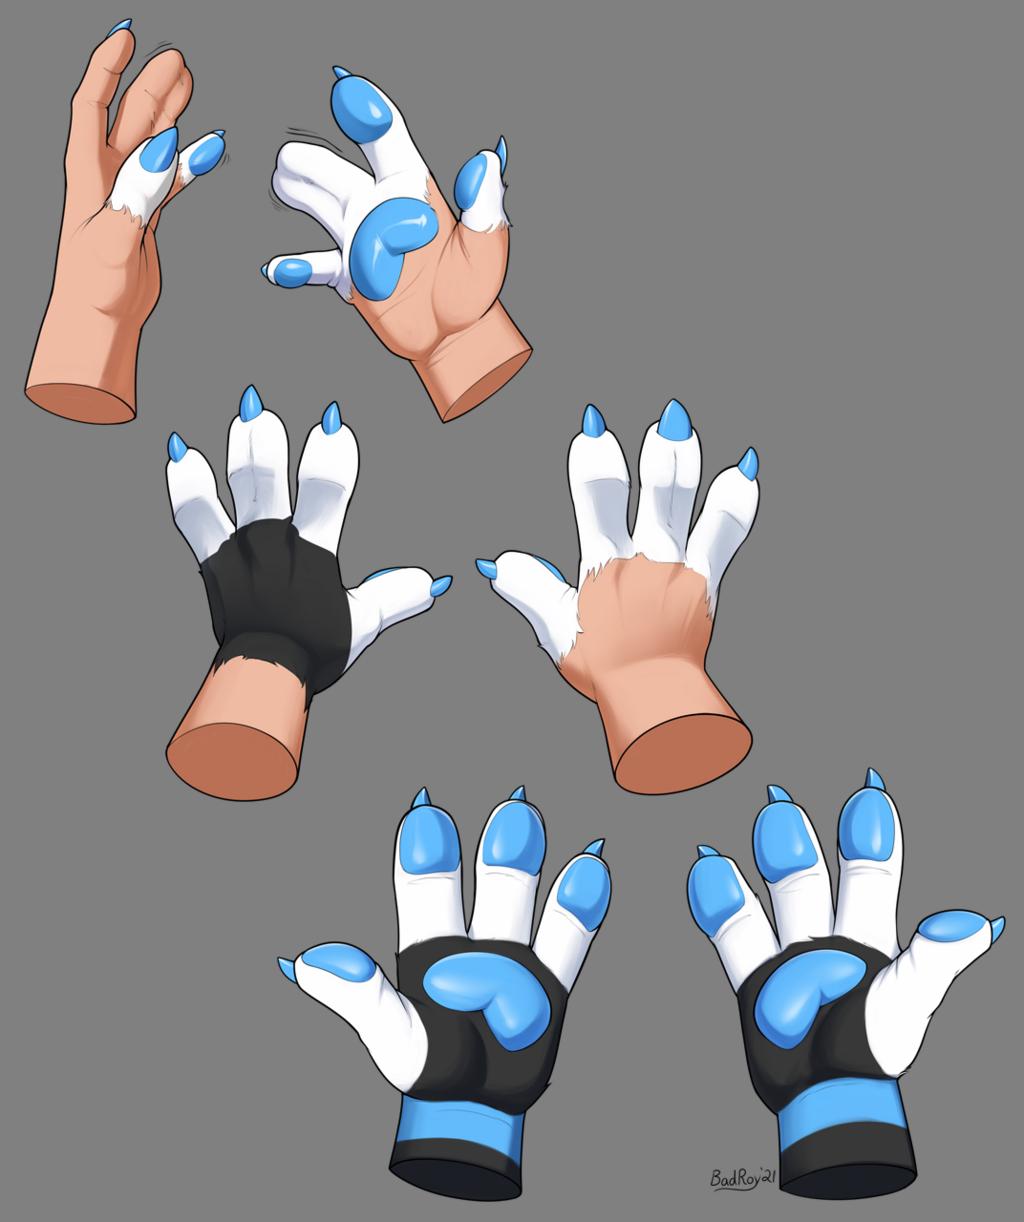 [C] New Hands!